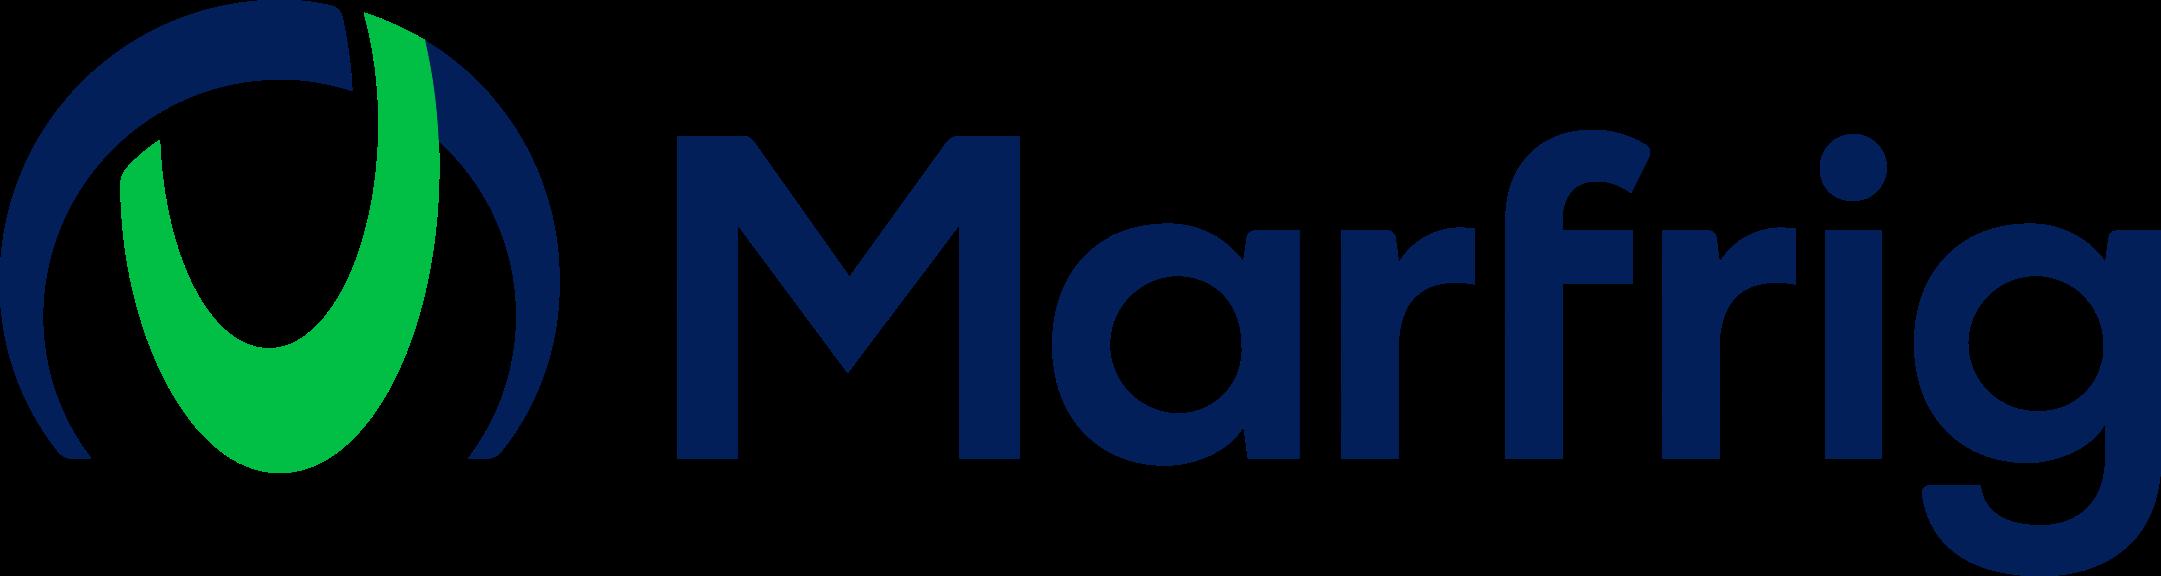 marfrig logo 1 - Marfrig Logo